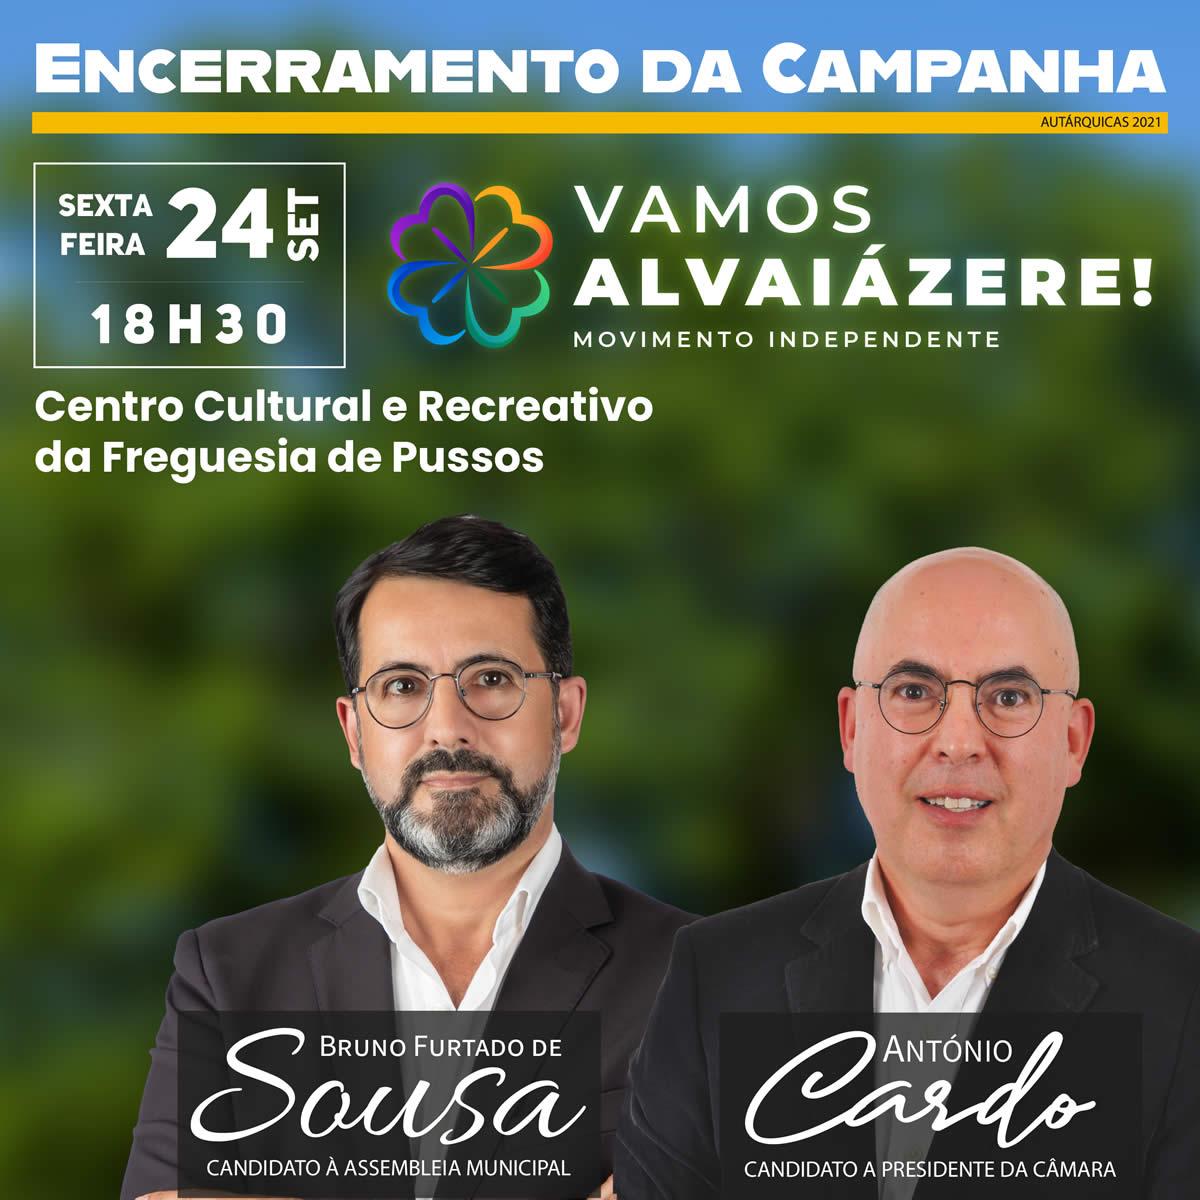 """Encerramento da Campanha """"Vamos Alvaiázere!"""" (alteração)"""